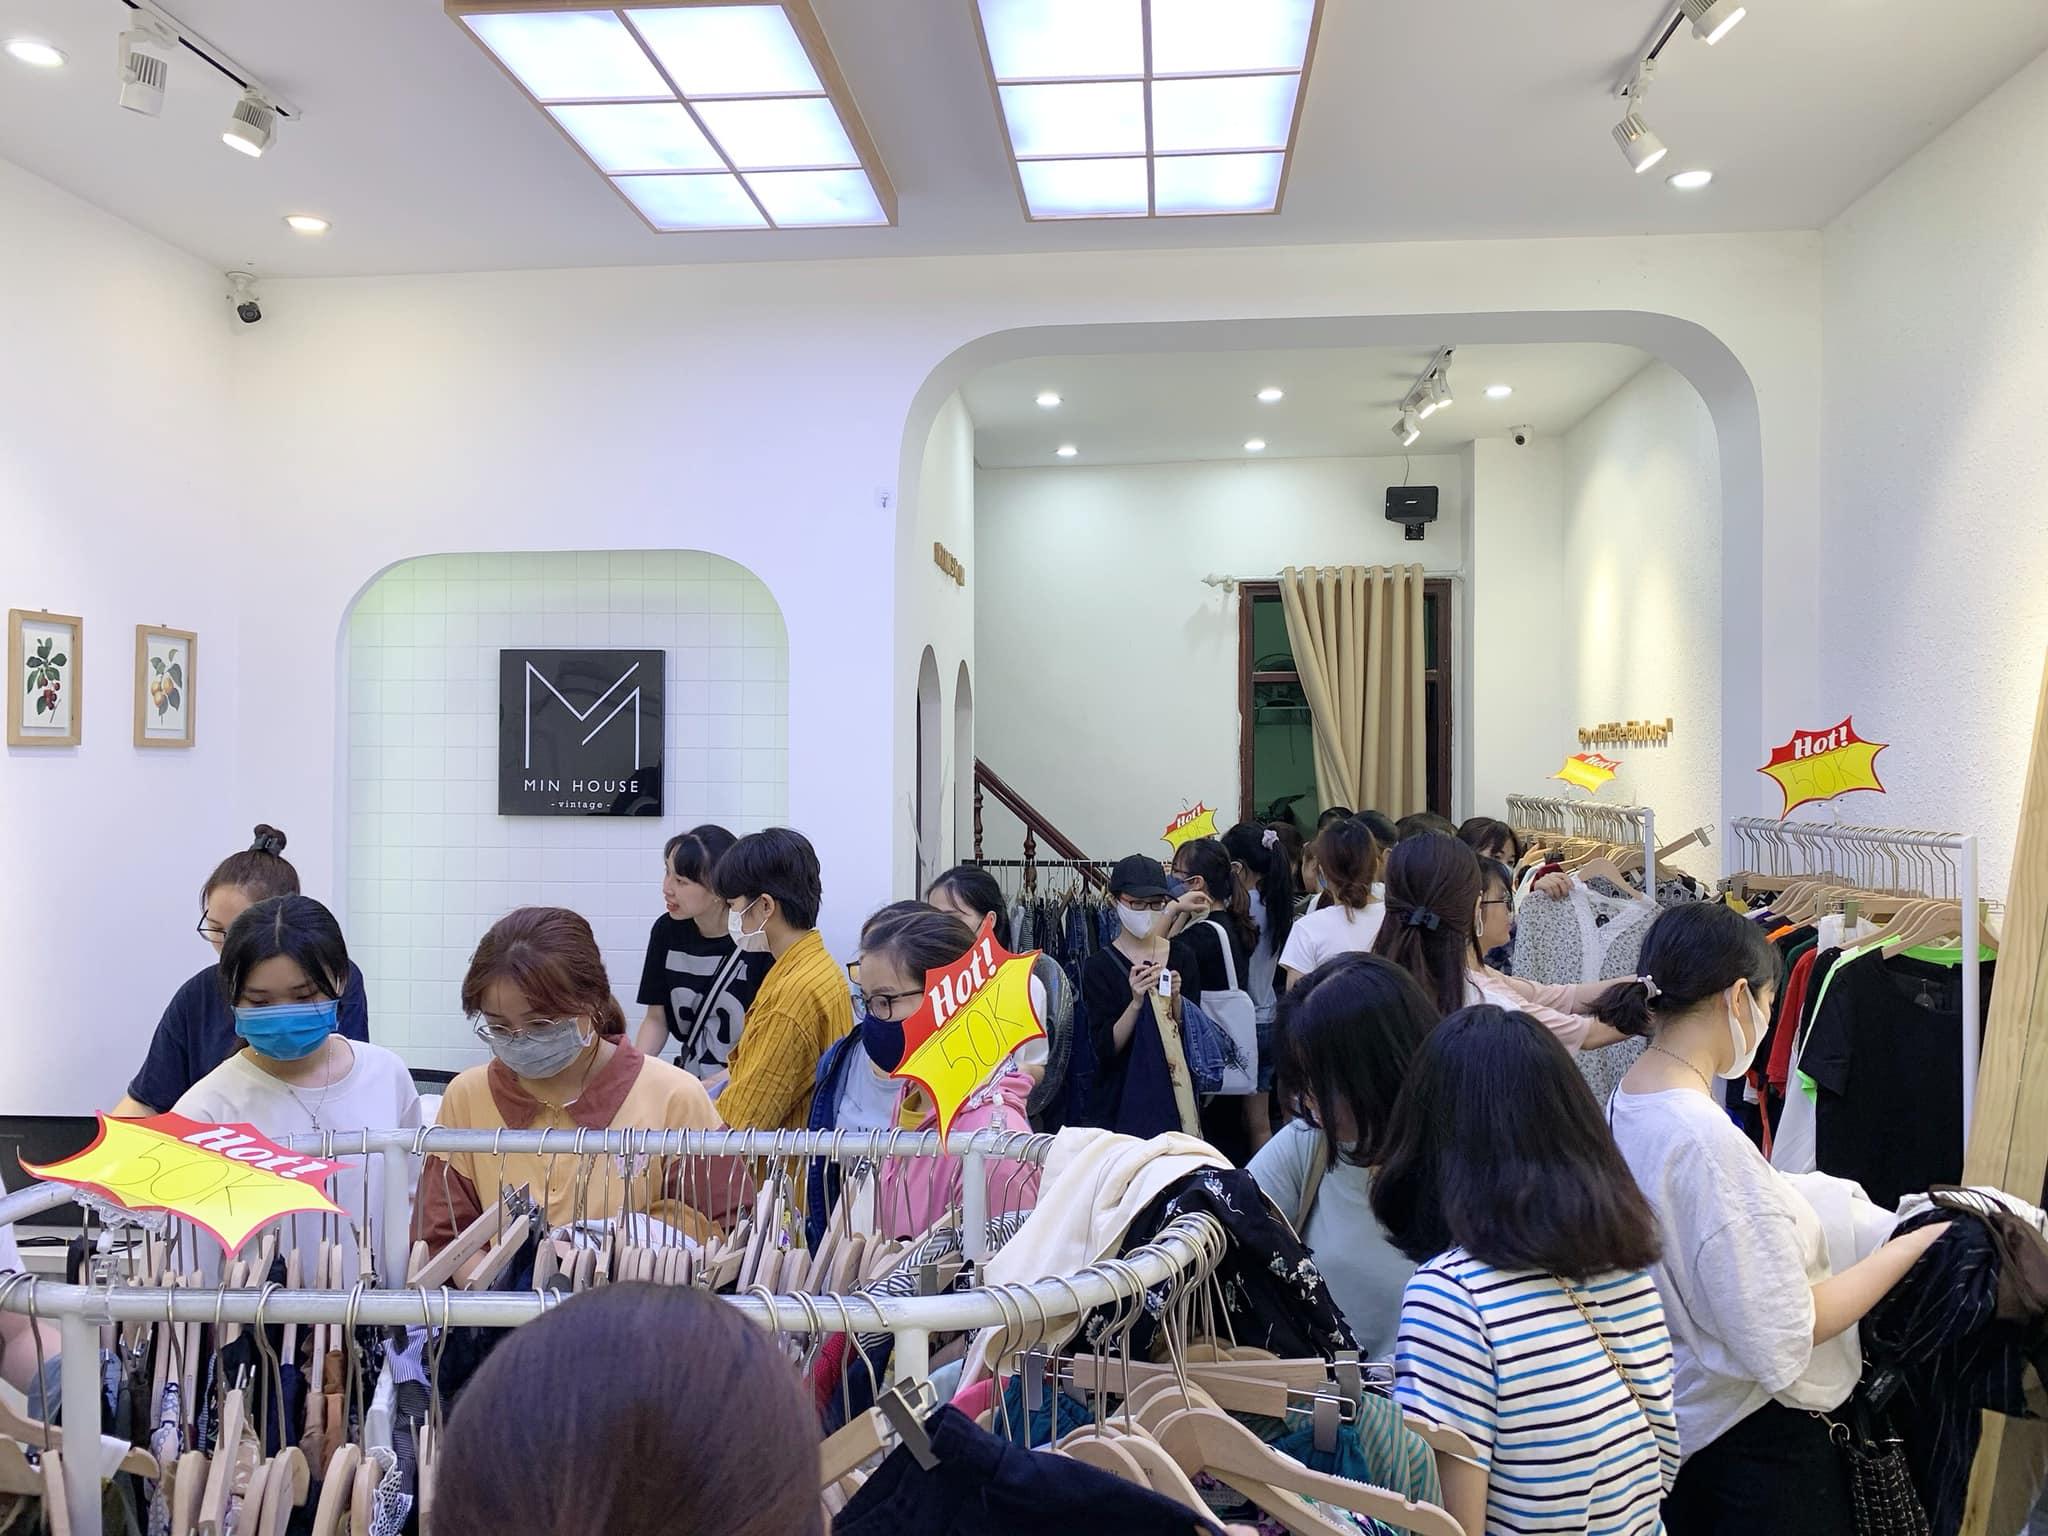 Có nên khởi nghiệp kinh doanh quần áo hàng thùng Hàn Quốc không?